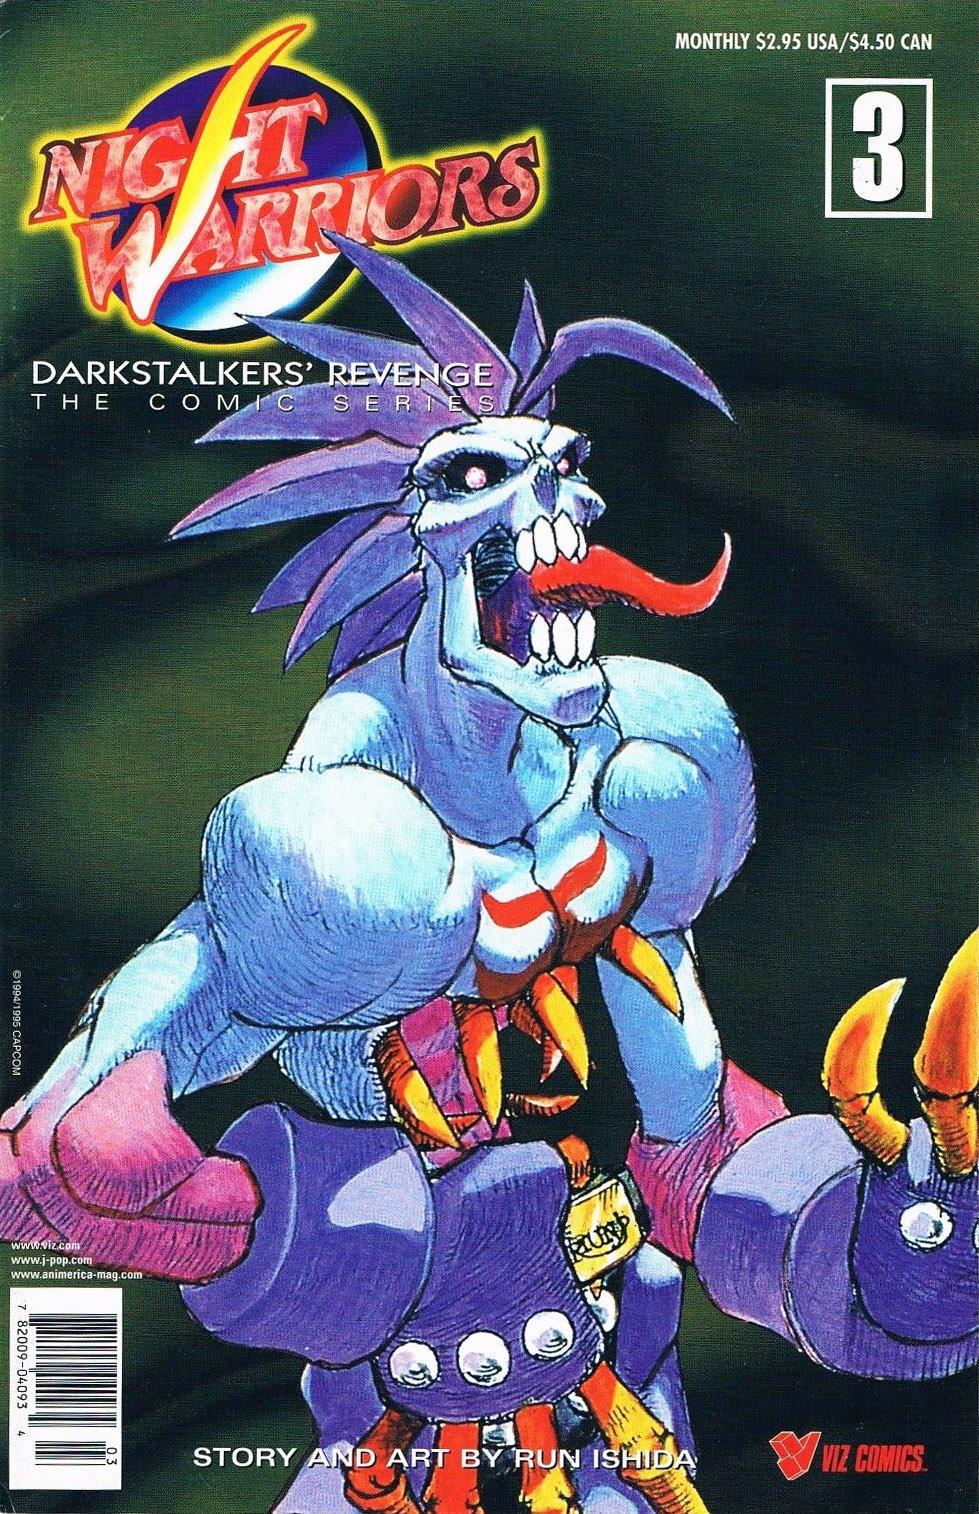 Night Warriors: Darkstalkers' Revenge 03